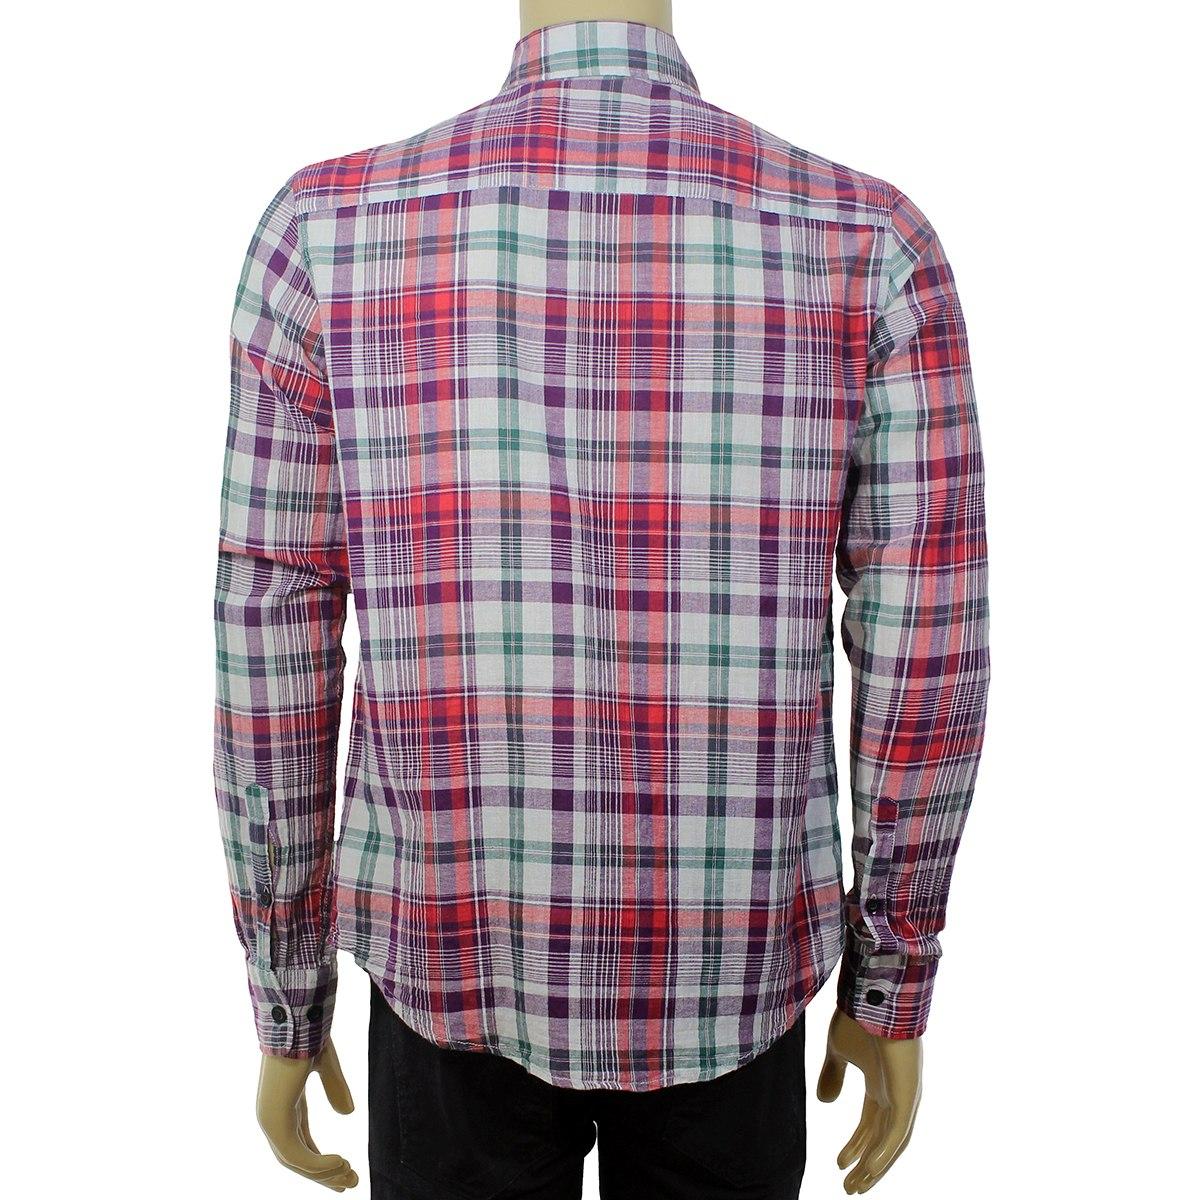 aca9a7d44 Camisa Triton - R$ 319,70 em Mercado Livre